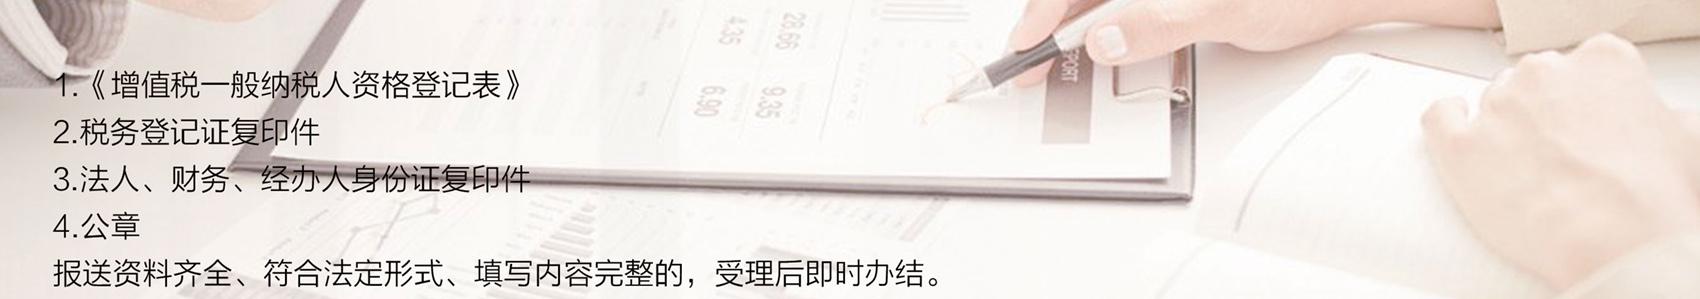 增值税一般纳税人登记_10.jpg